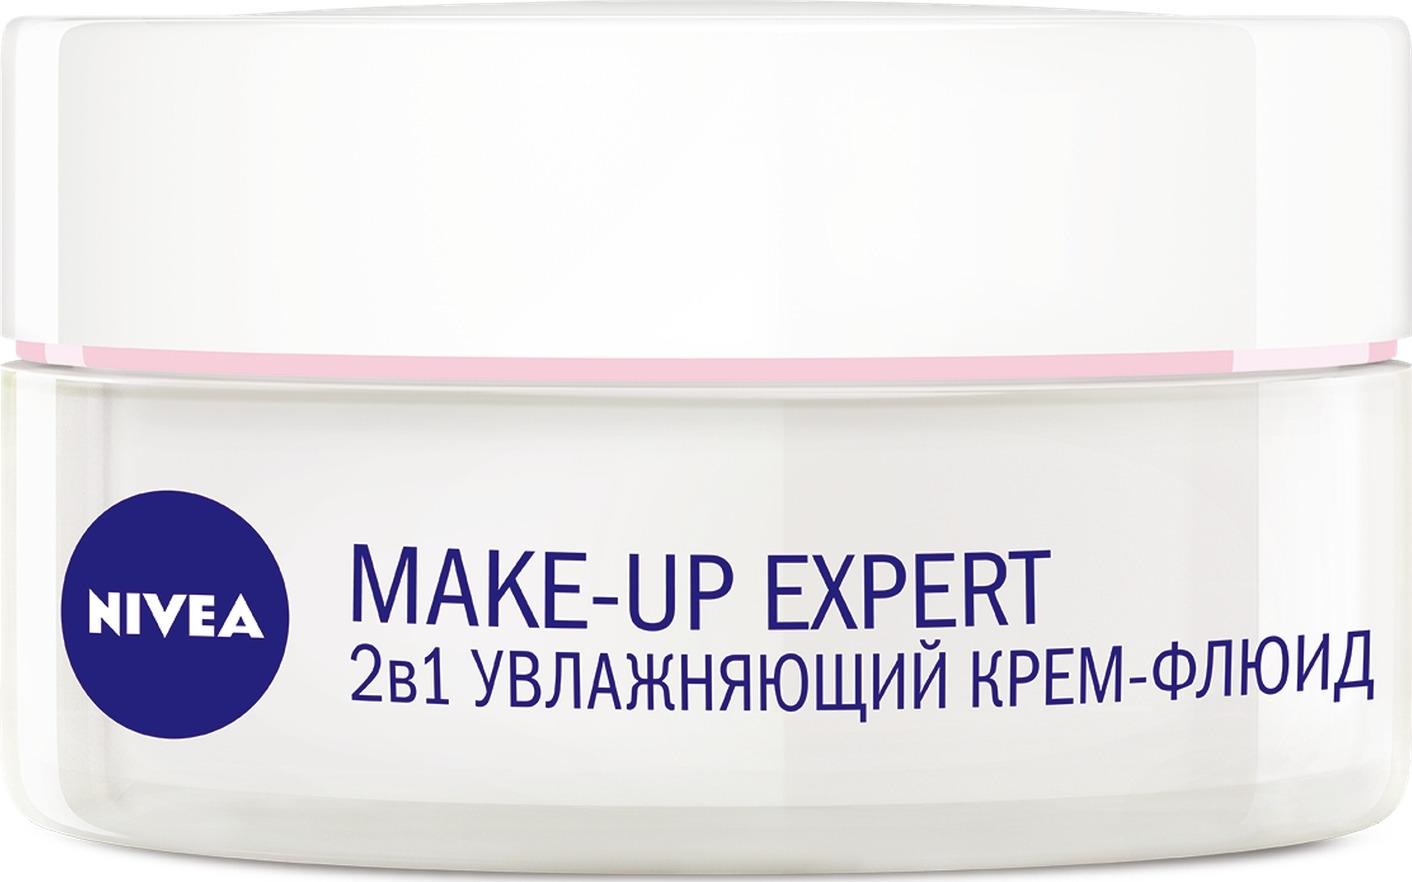 Увлажняющий крем-флюид Nivea MAKE-UP EXPERT 2в1, для сухой и чувствительной кожи, 50 мл Nivea